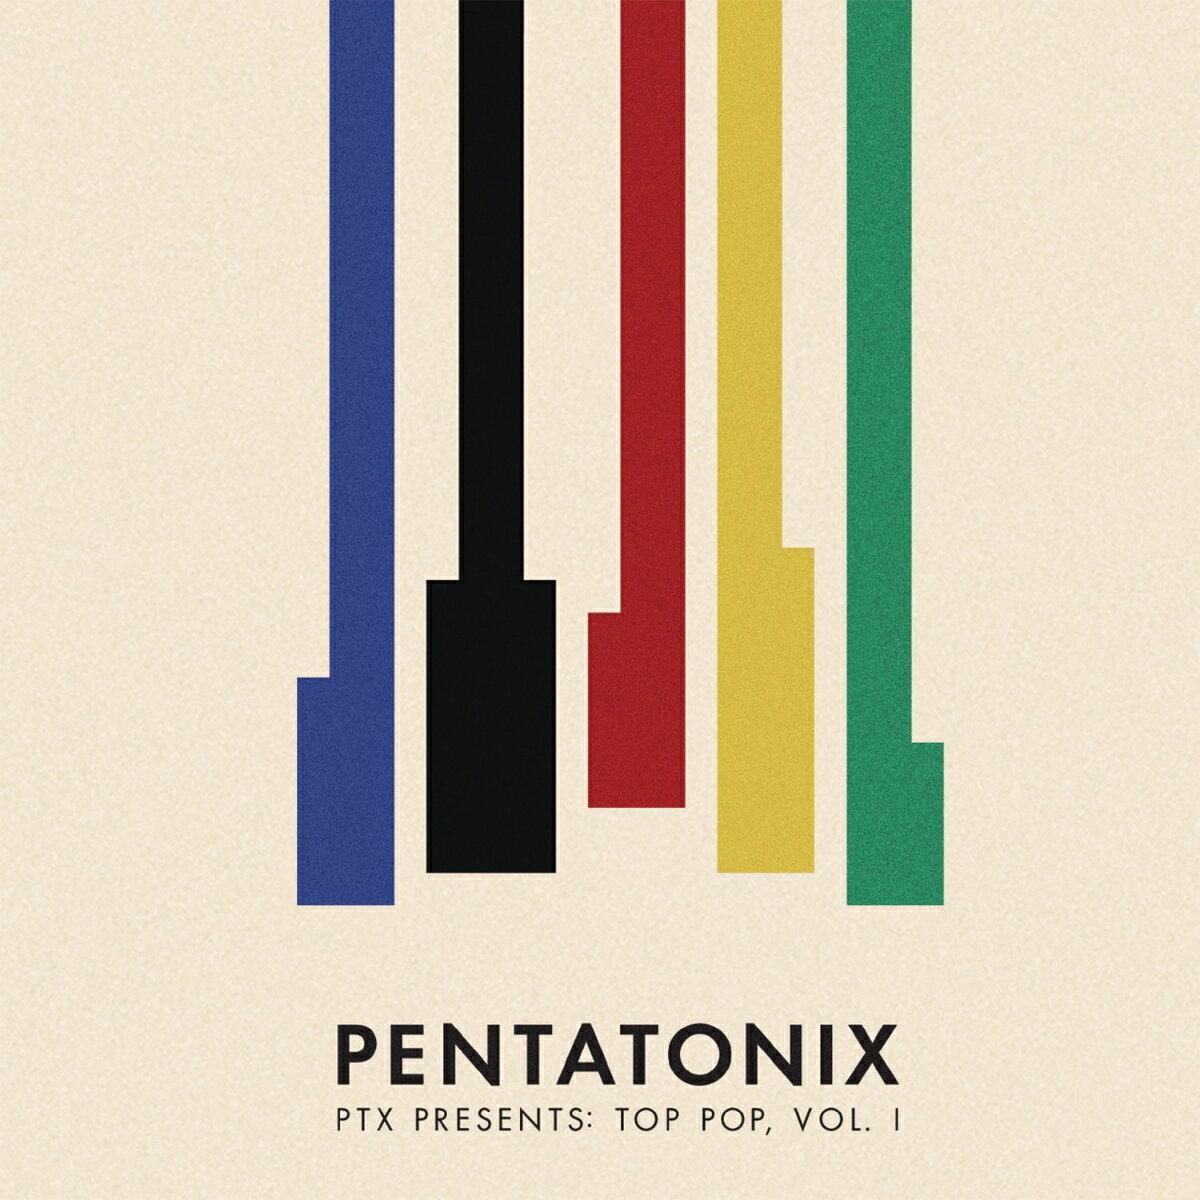 【輸入盤】PTXプレゼンツ:トップ・ポップ、VOL.1 [ Pentatonix ]